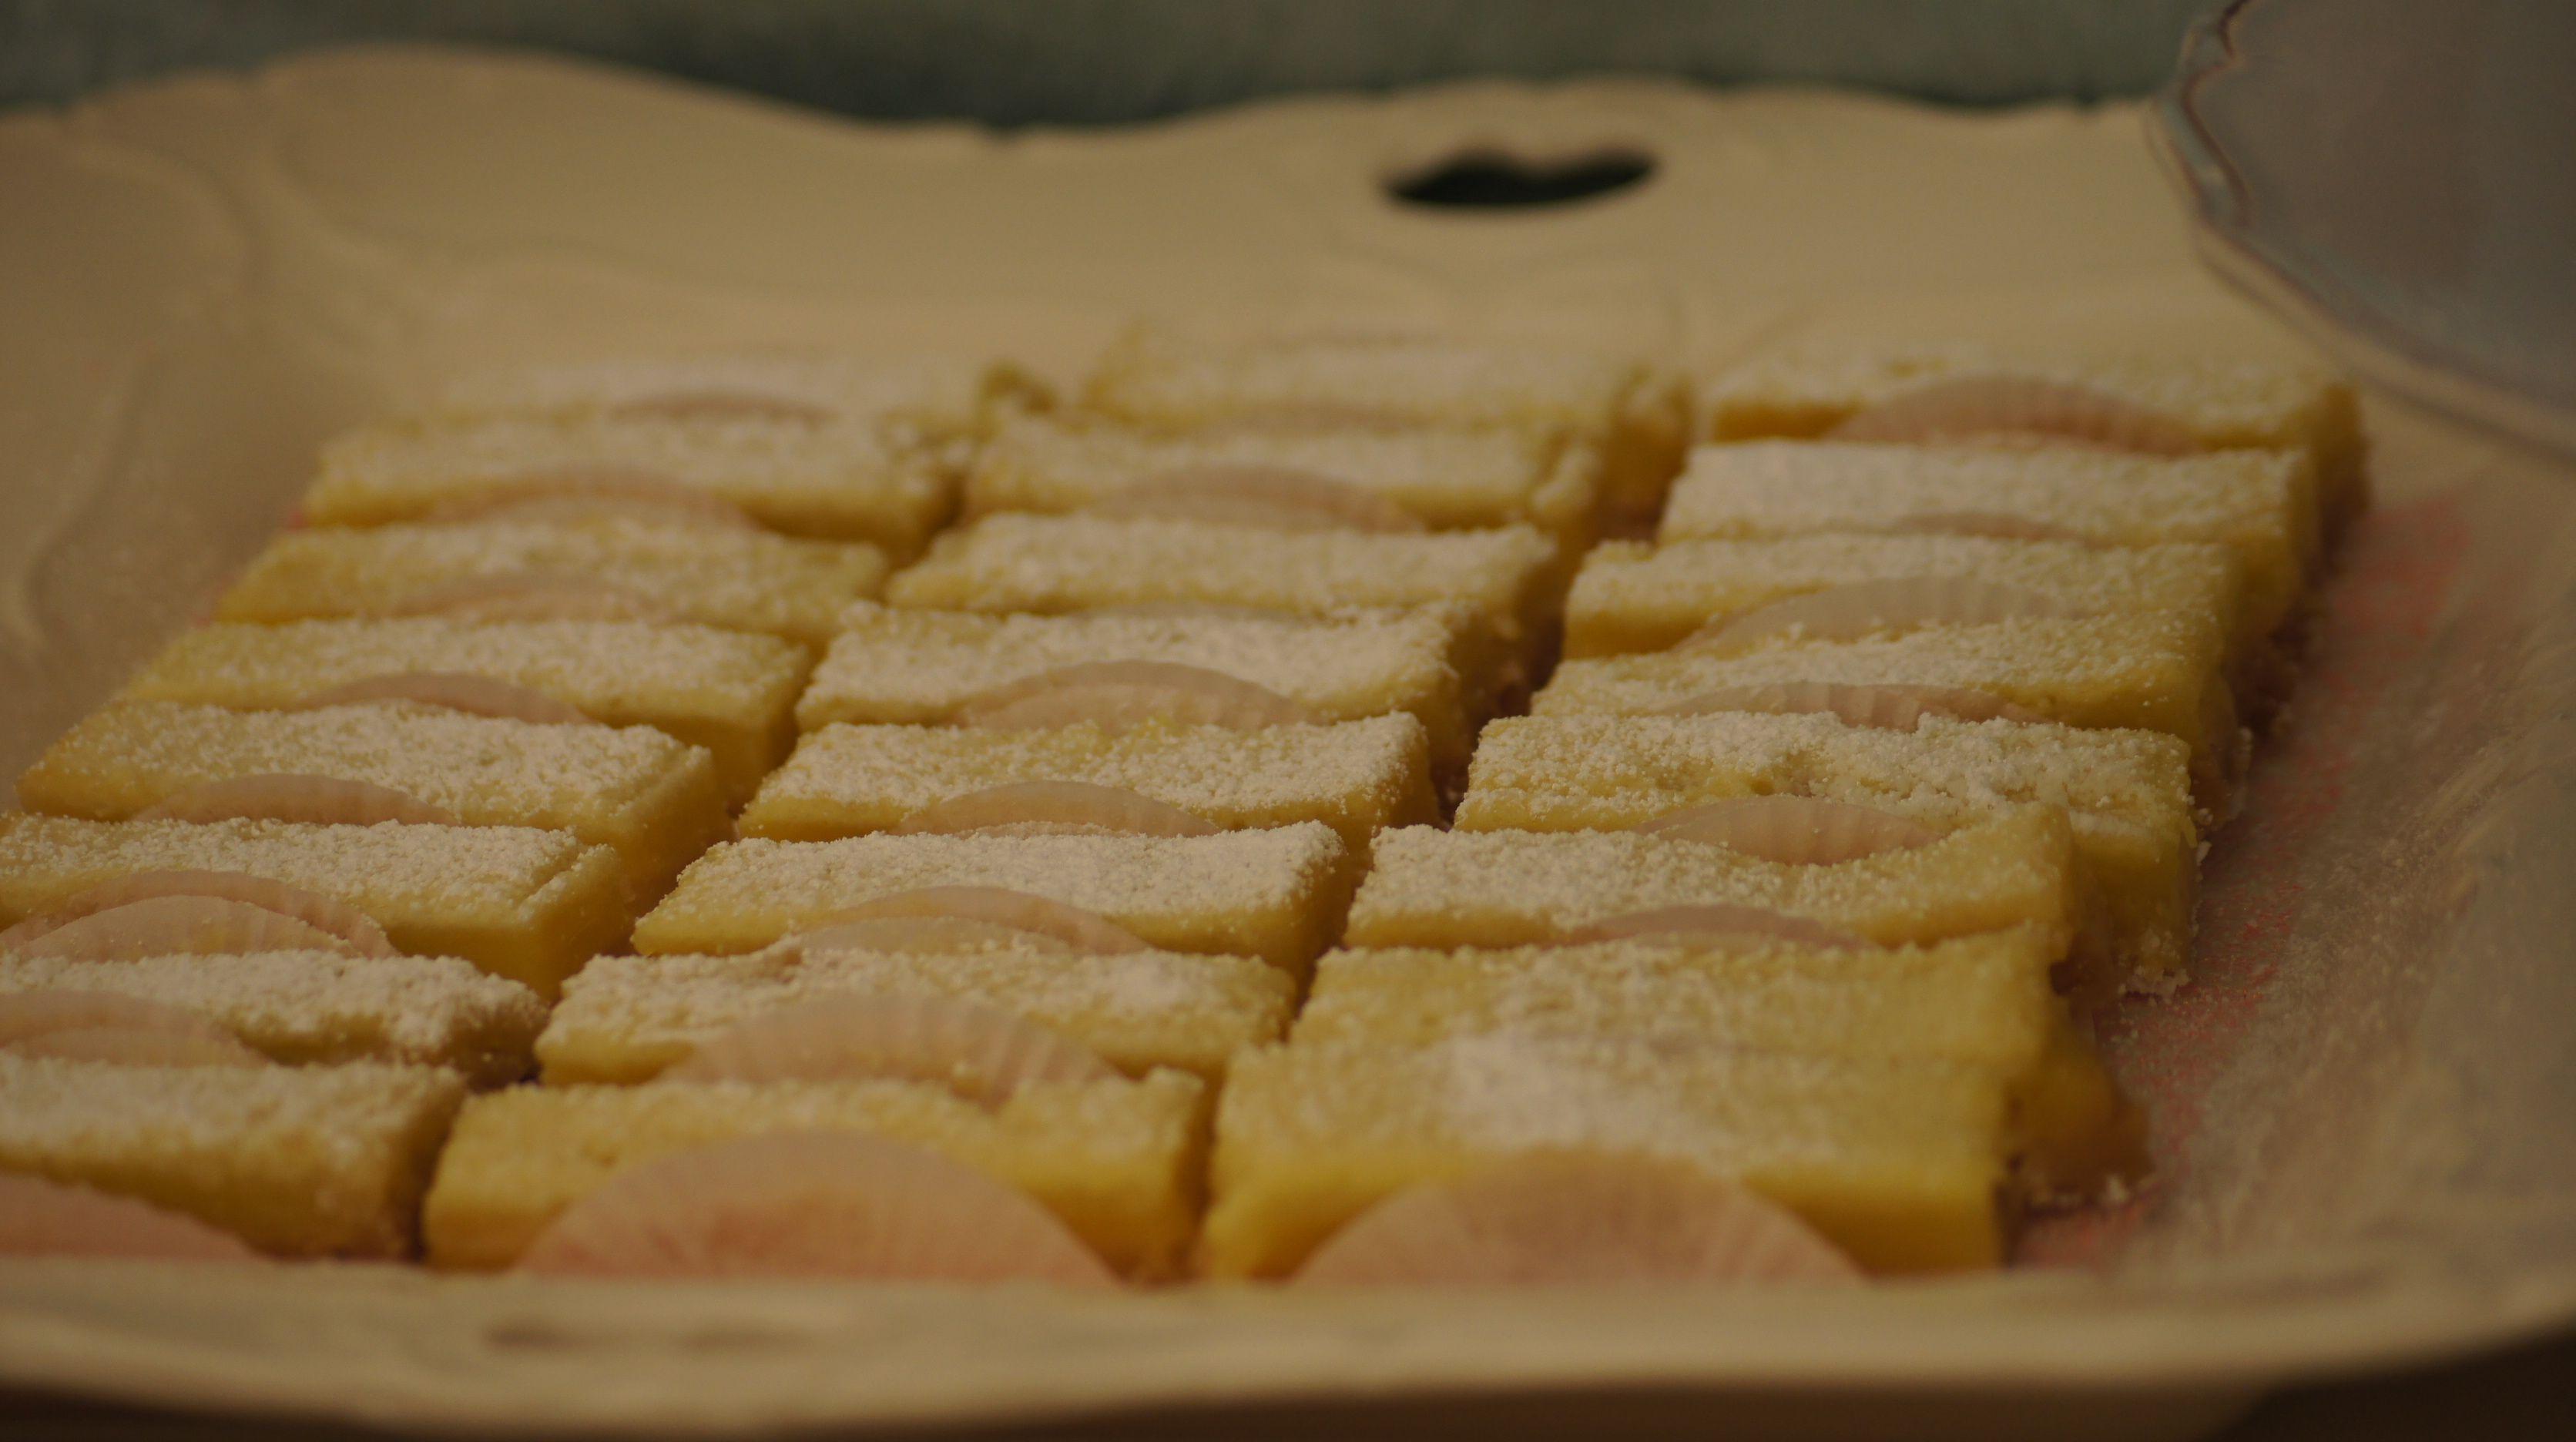 Karen's Bakery Cafe Lemon Bars